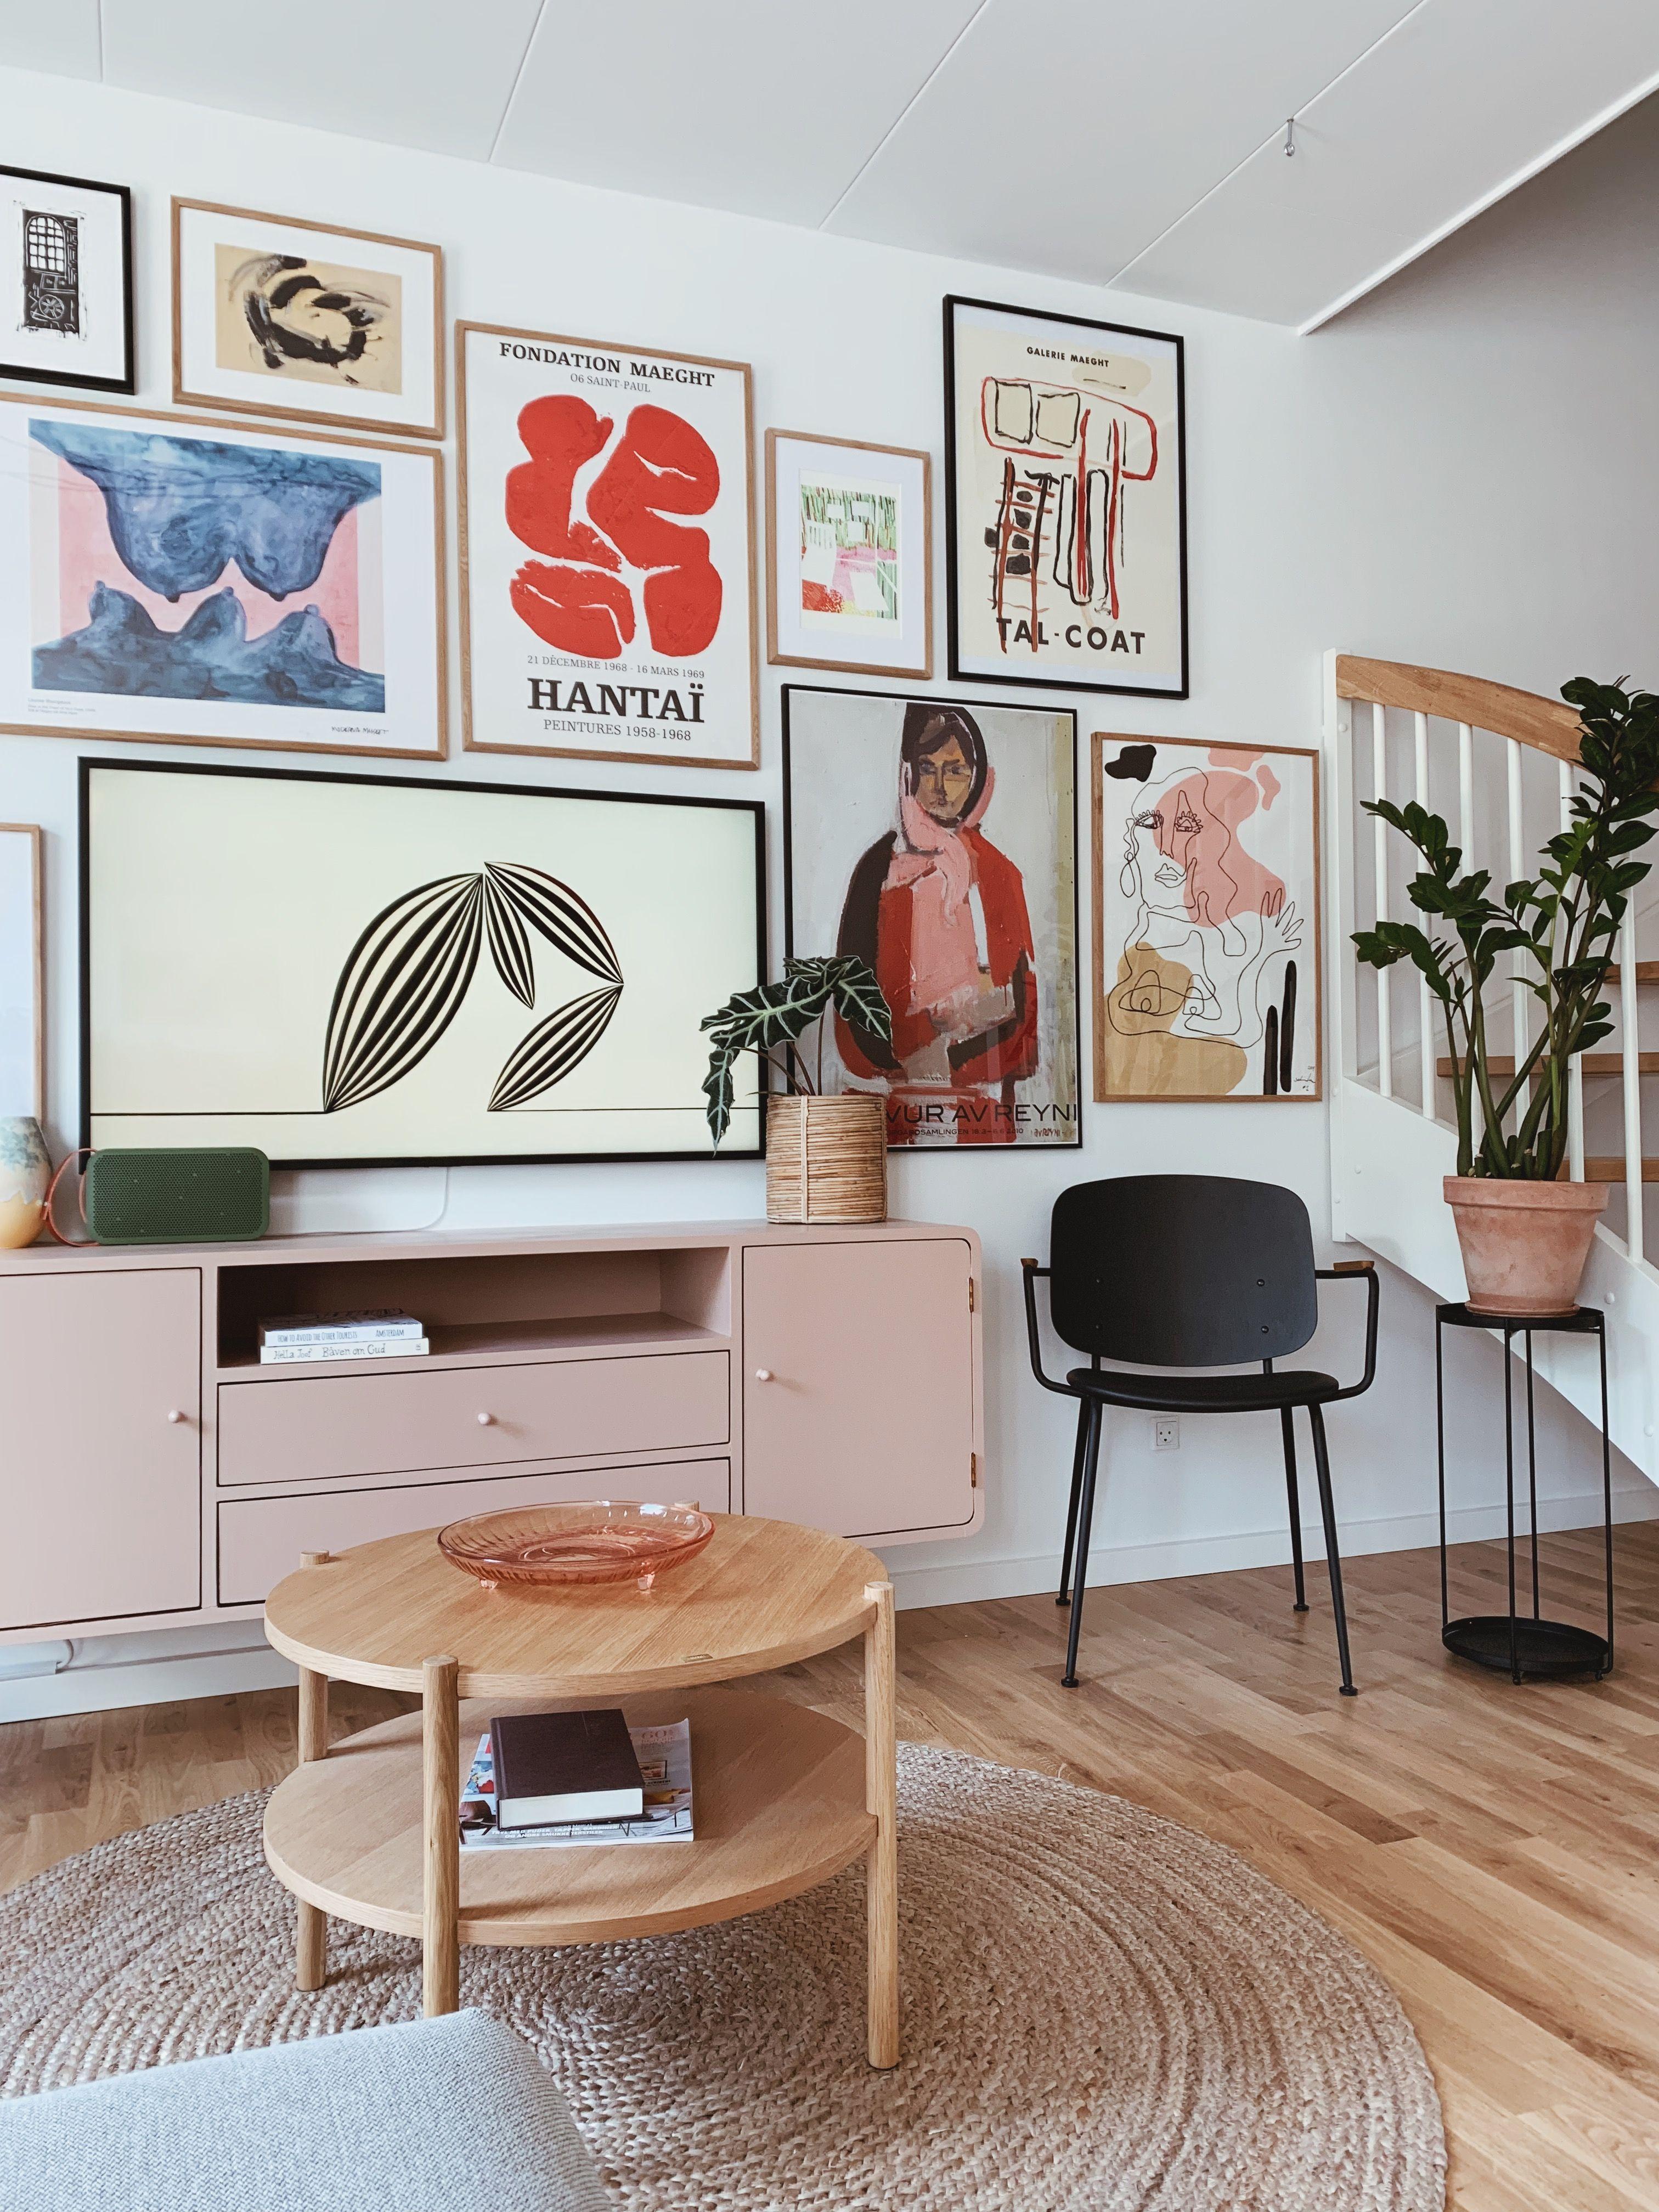 Billedvæg: Ny billedvæg i stuen og en oversigt over hvor jeg finder kunst og plakater - Ditteblog